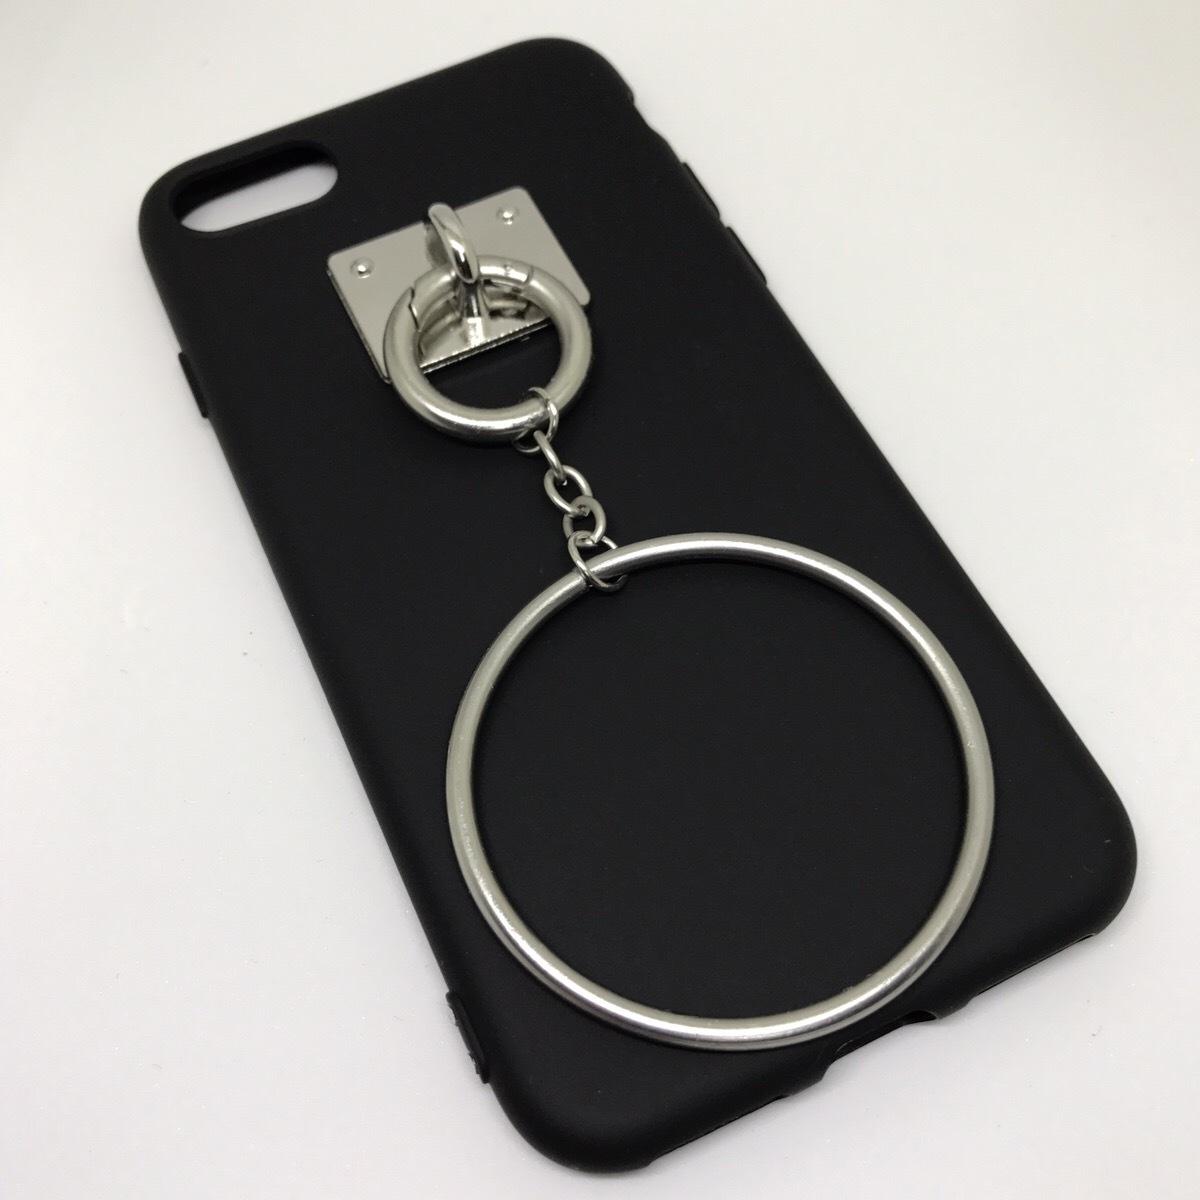 【送料無料】ブラックソフトケースにシルバーのリングチャーム iPhoneケース